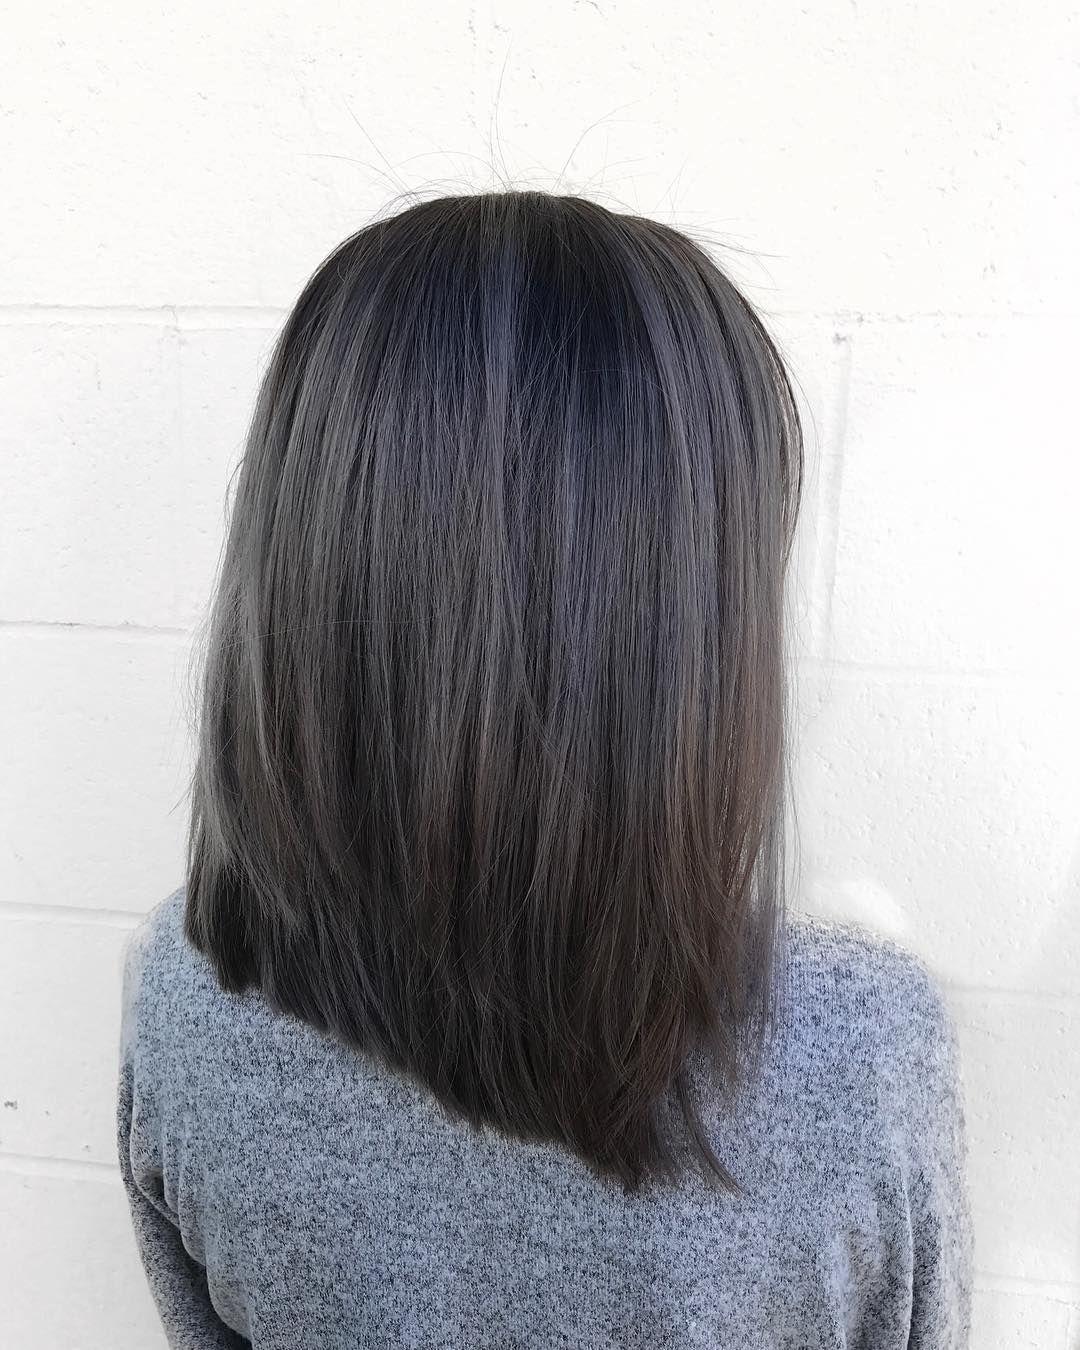 тенденции окрашивания волос 2019 года фото 11